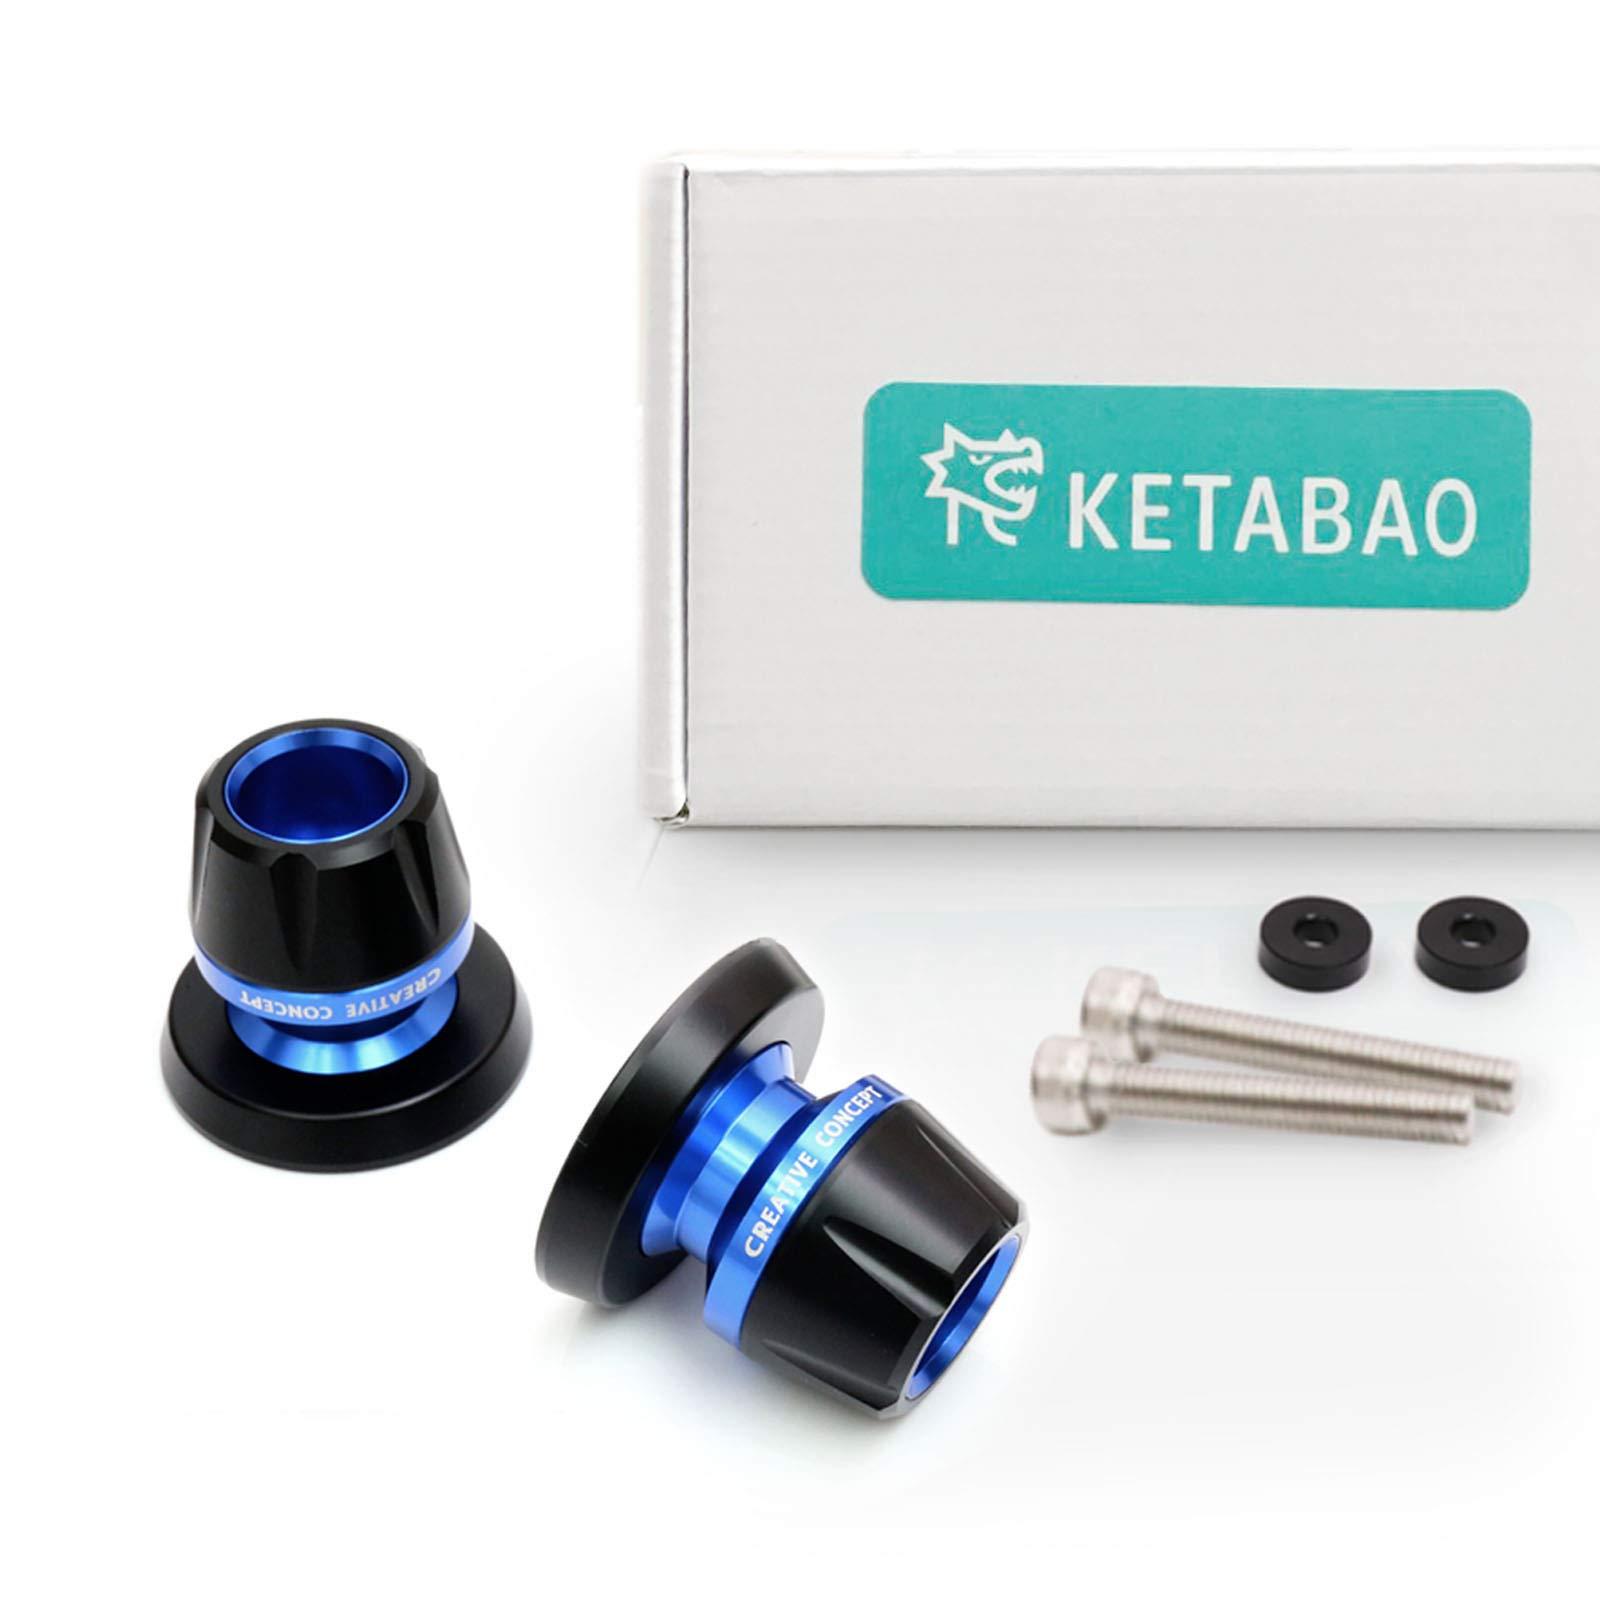 KETABAO Blue M8 Rear Swingarm Stand Spools Protectors For GSXR 1000 00-17 GSXR 600 750 GSX 1300 R V STROM 650 1000 04-17 by KETABAO